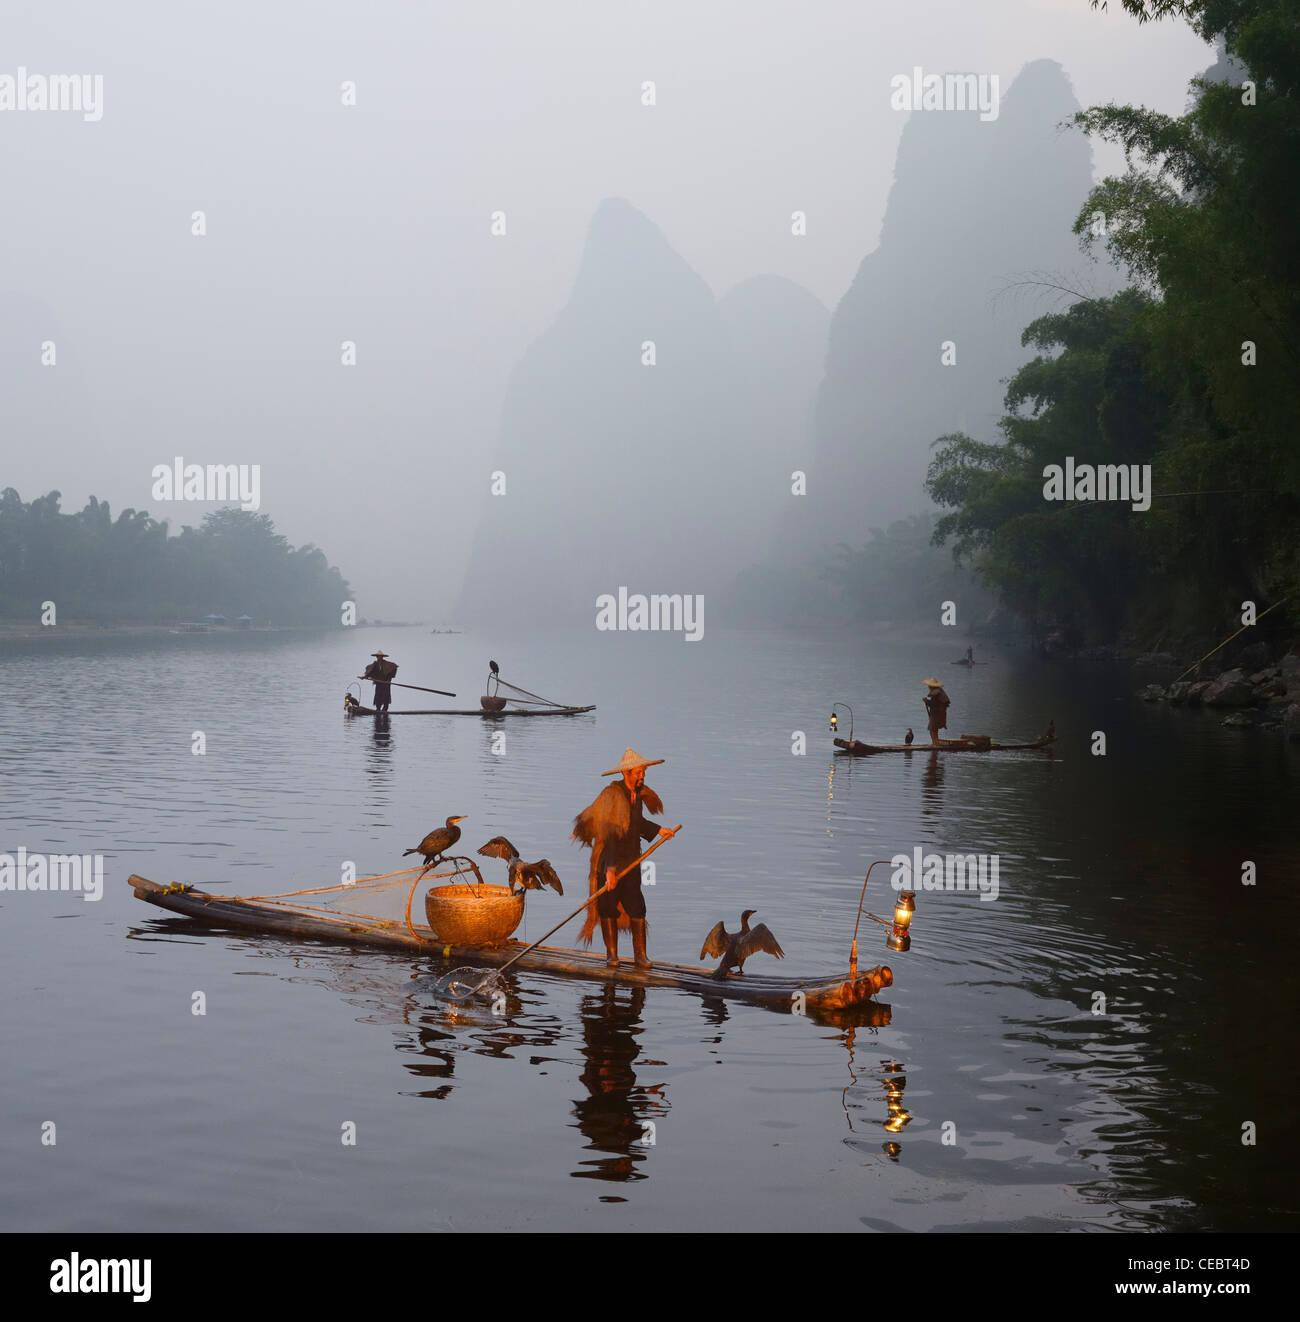 Cormorant fishermen paddling bamboo raft at dawn on the Li river with Karst mountain peaks Xingpingzhen Yangshuo, Guilin, Guangxi China Stock Photo